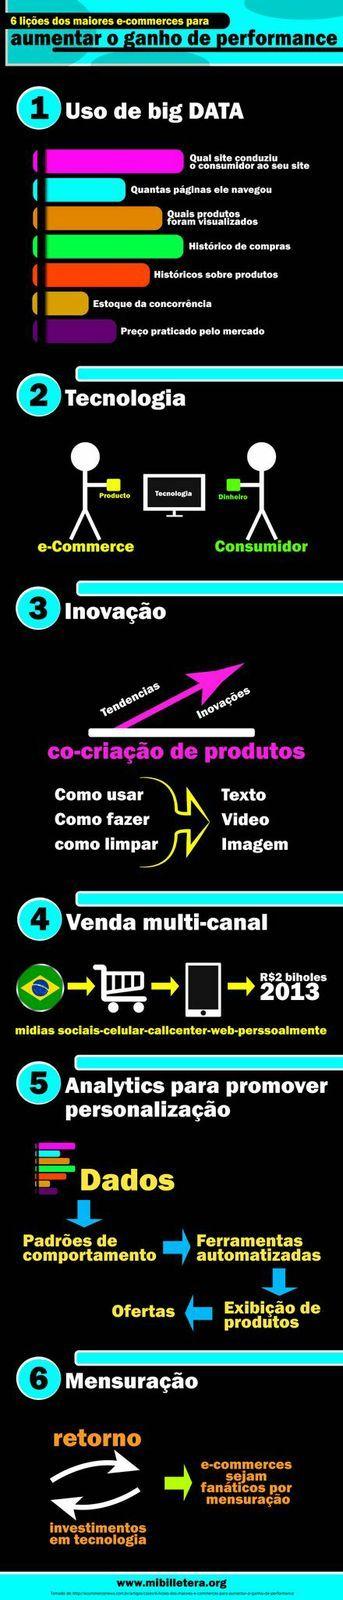 6 lições dos maiores e-commerces para aumentar o ganho de #performance visita www.mibilletera.org